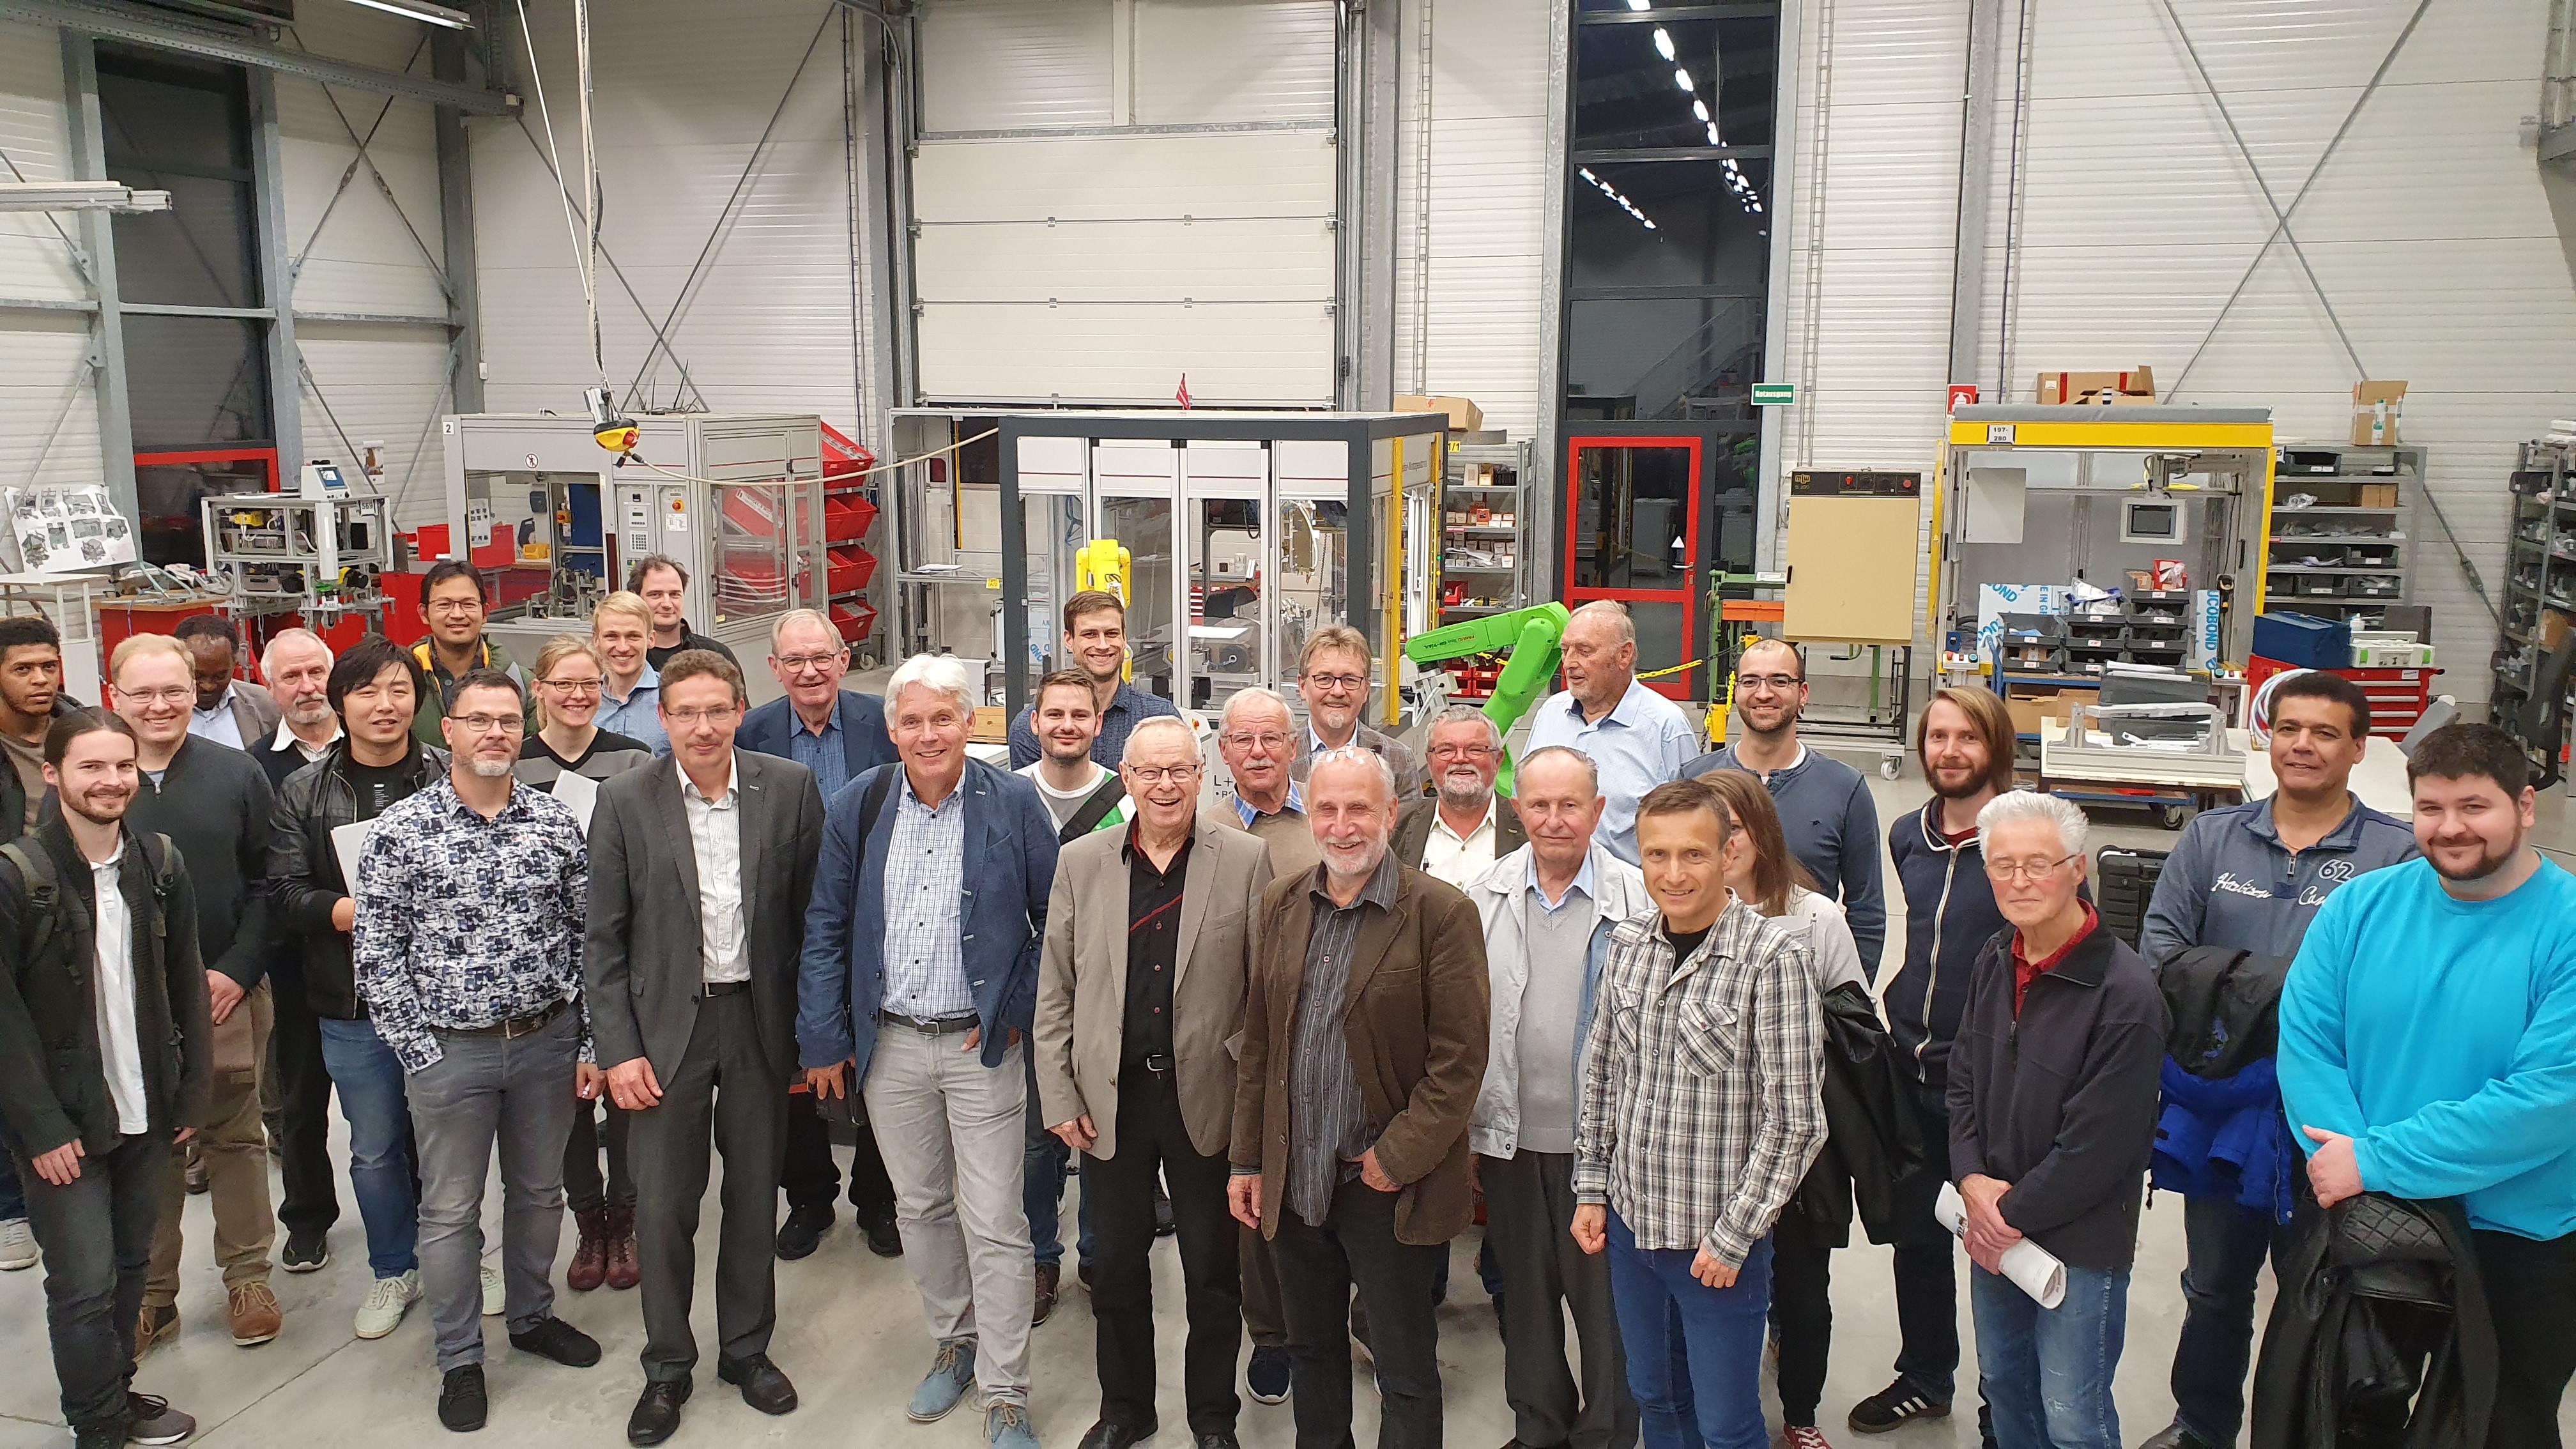 Betriebsbesichtigung der TAB-Forschergruppe SONARO und des Carl Zeiss Projektes E4SM bei der Ilmenauer Robotikfirma Henkel & Roth, wo der kollaborative Fertigungsroboter MR 3.0 präsentiert wurde